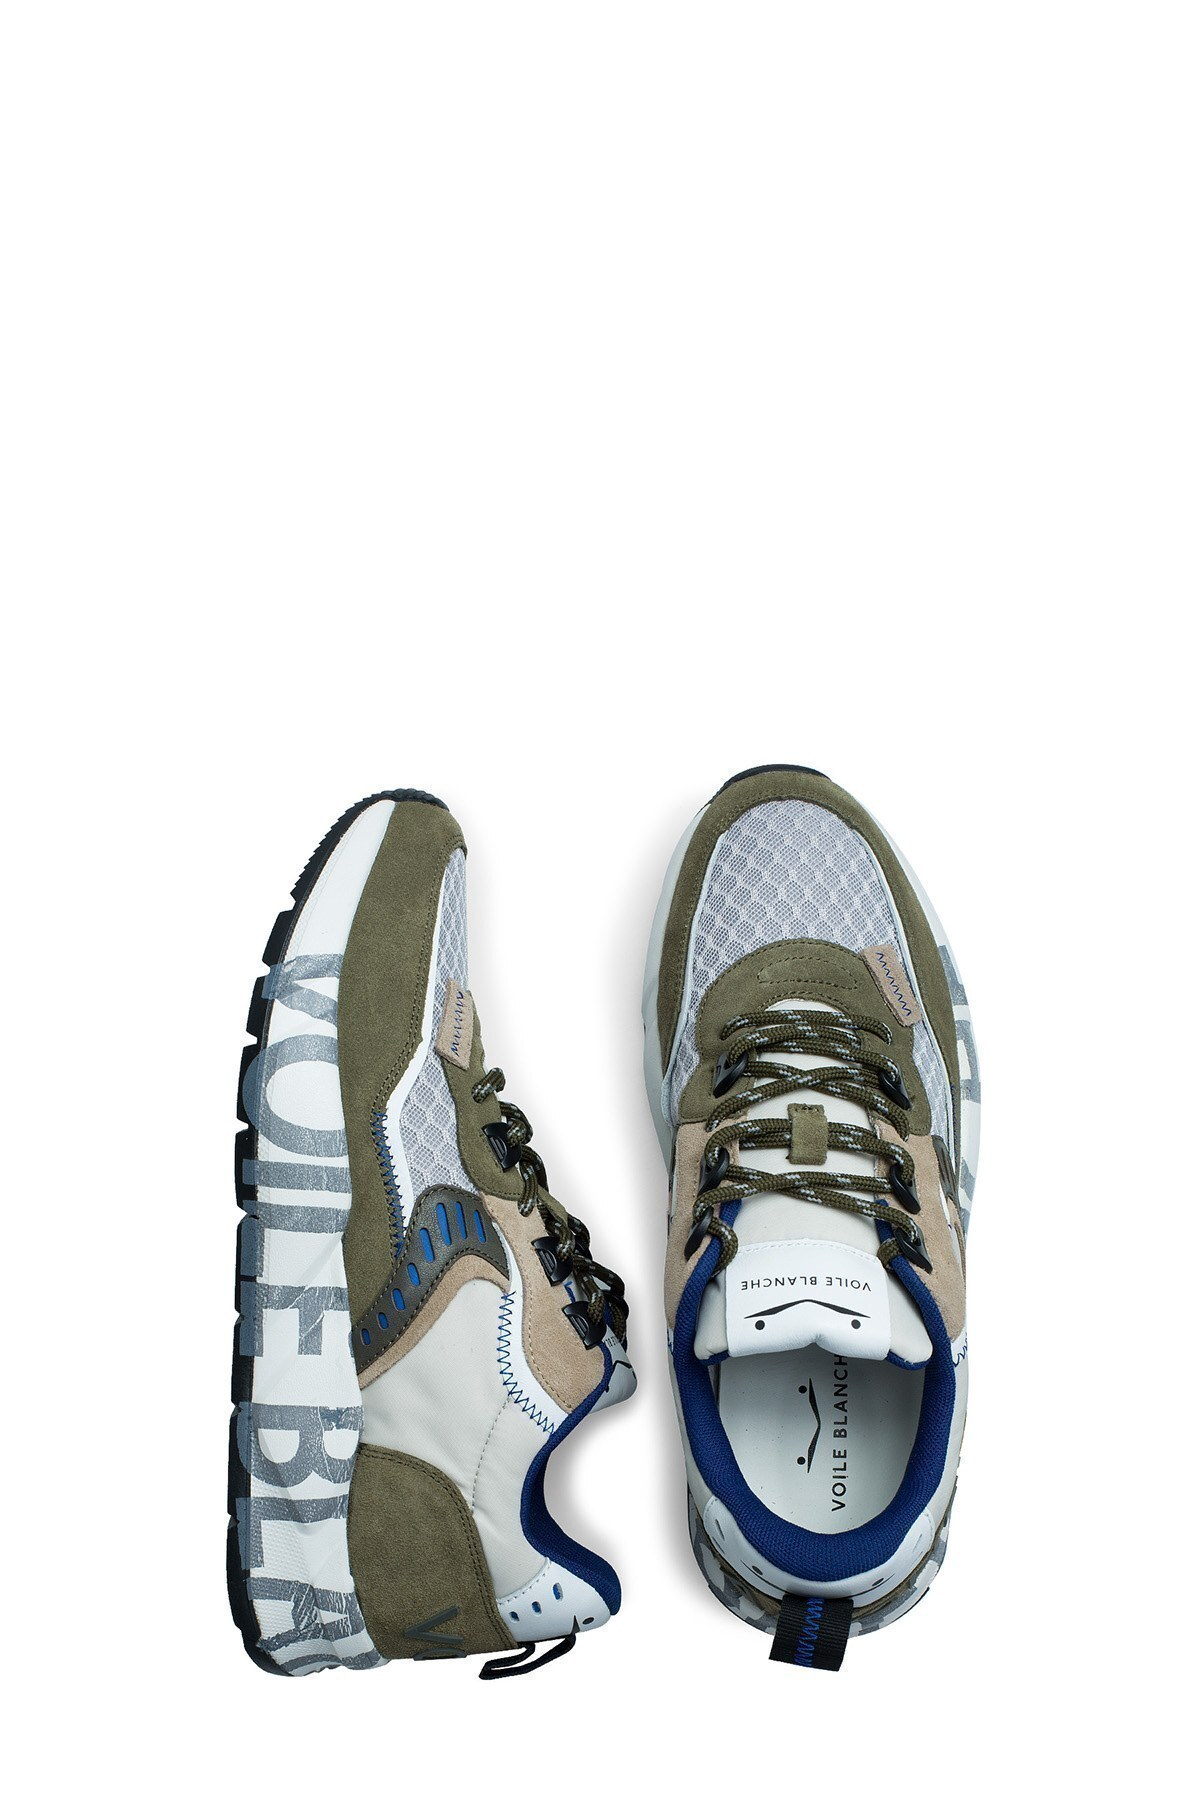 Voile Blanche Erkek Ayakkabı 0012014828.01.1F26 BEYAZ-HAKİ